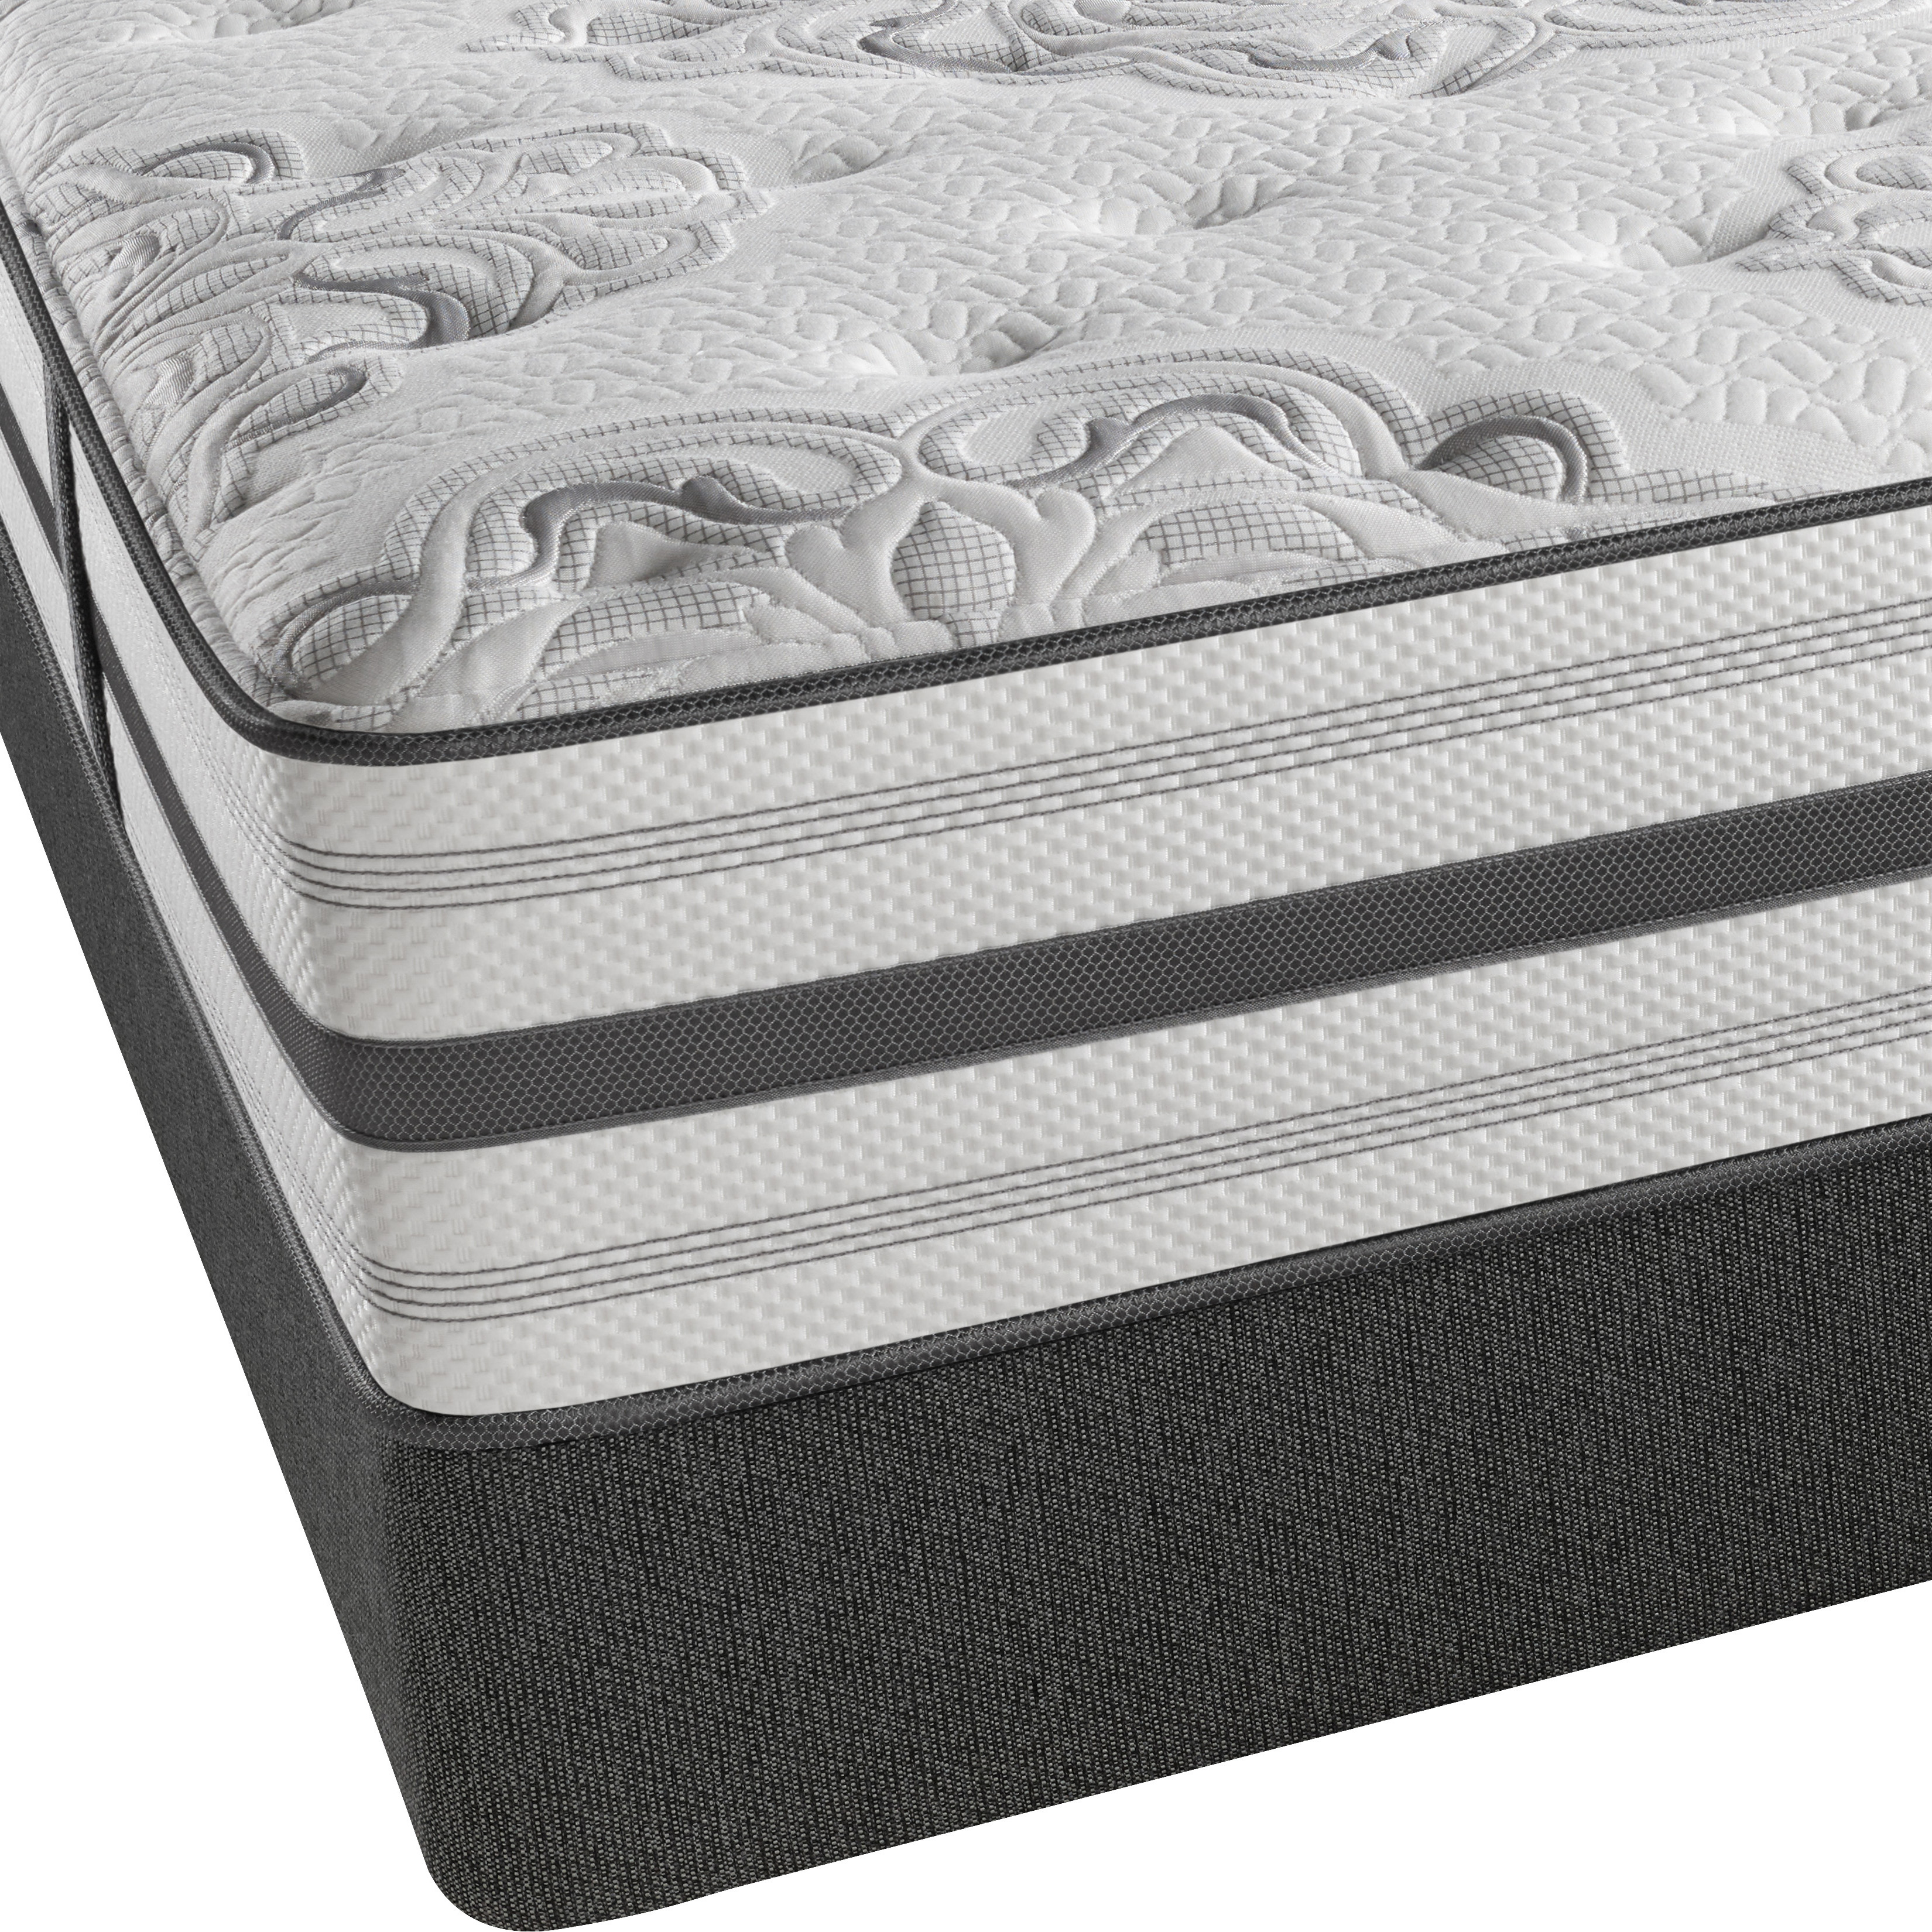 Simmons Beautyrest Platinum Fairview Luxury Firm Mattress